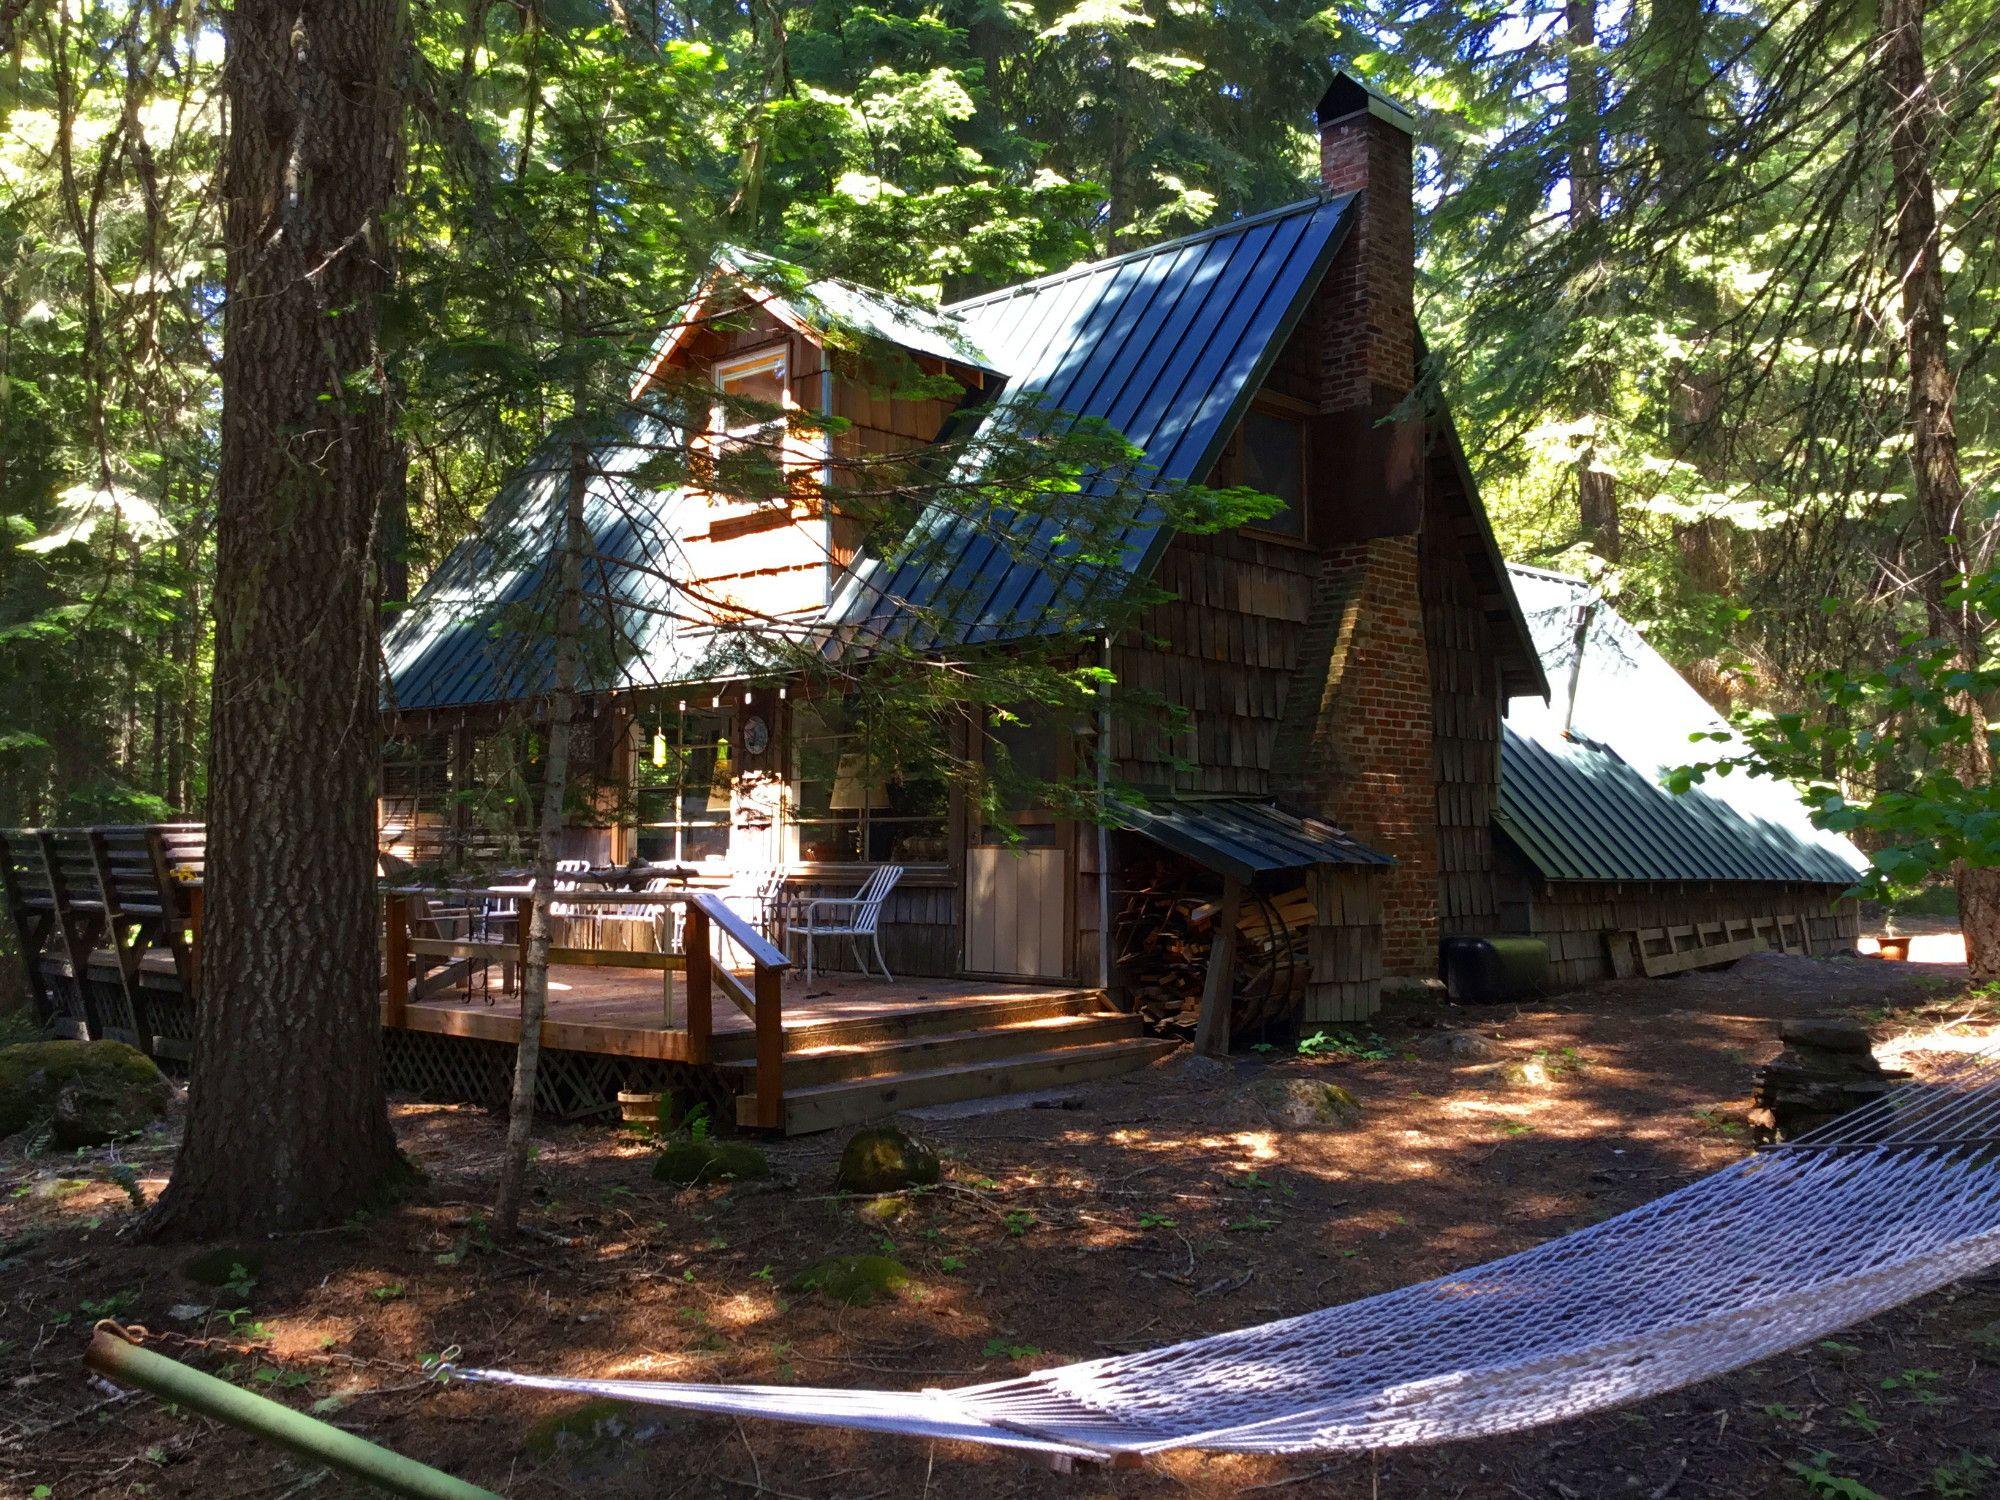 Fish Lake Oregon Cabin For Sale G4 Landline Real Estate Llc Cabins For Sale Cabin Cottage Homes